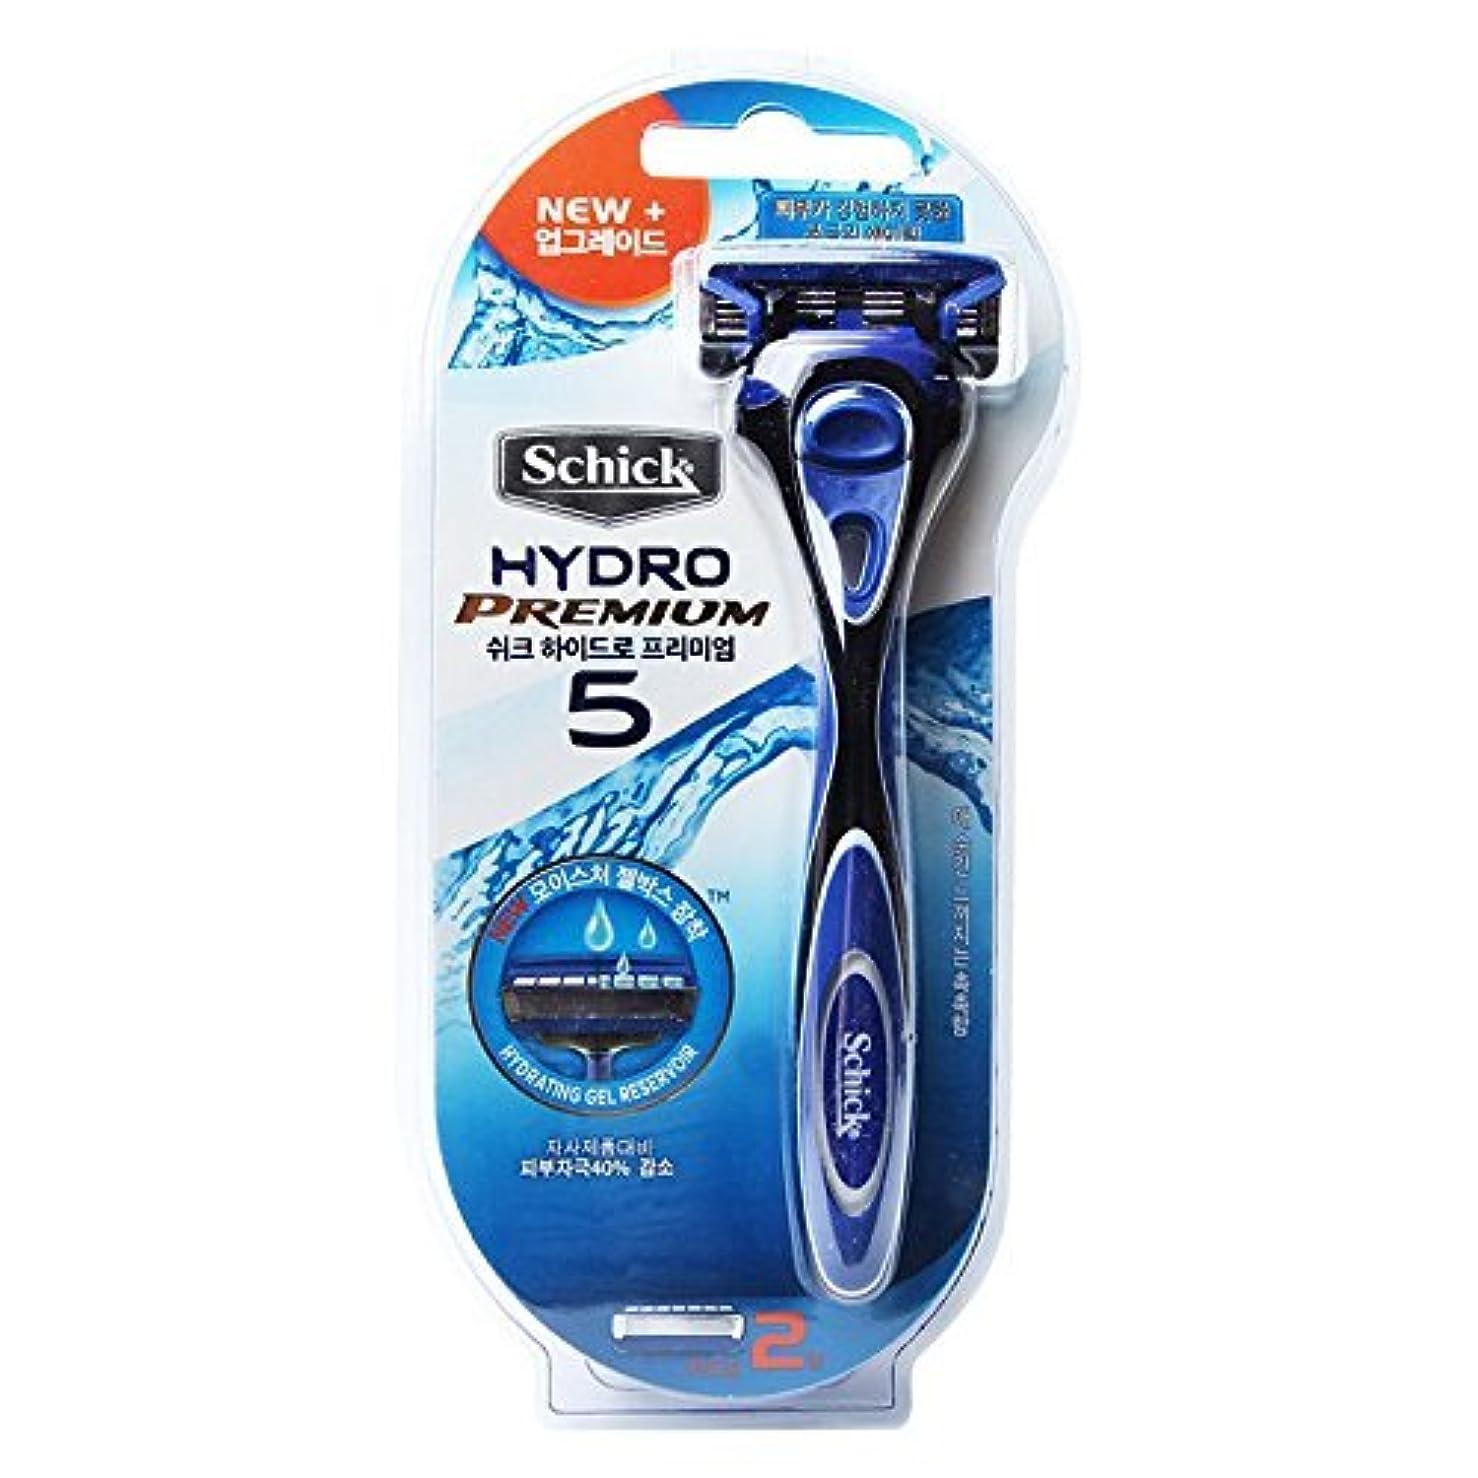 儀式相続人リストSchick Hydro 5 Premium トリマーで男性と2カミソリ詰め替え用カミソリ [並行輸入品]